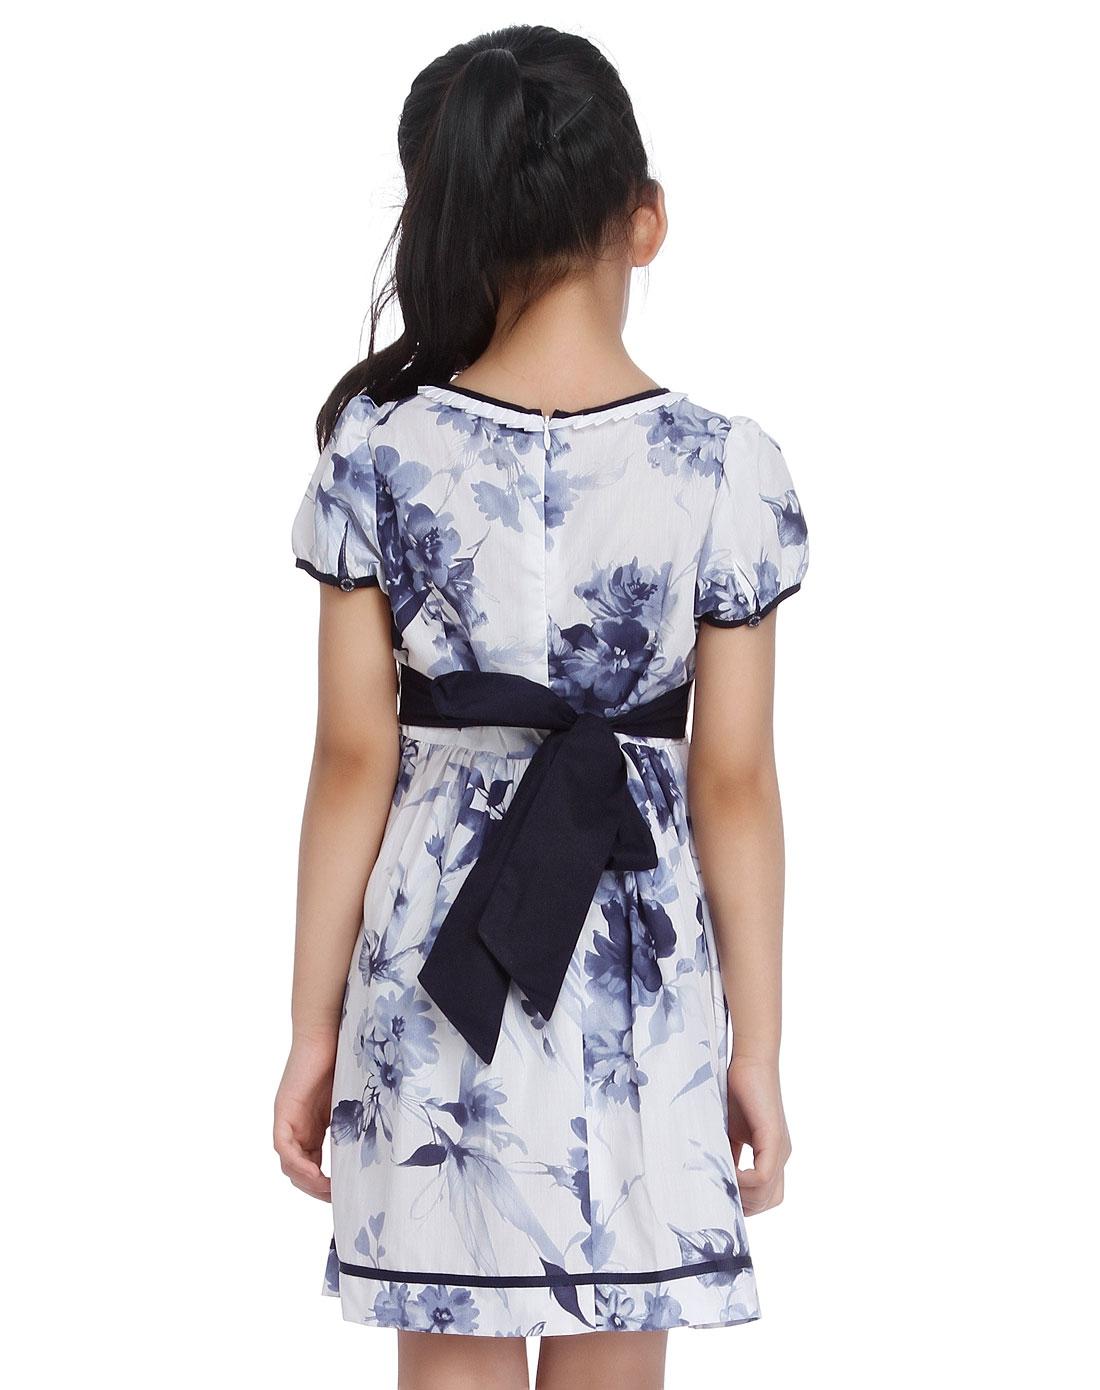 女童水墨印花白底蓝色短袖连衣裙